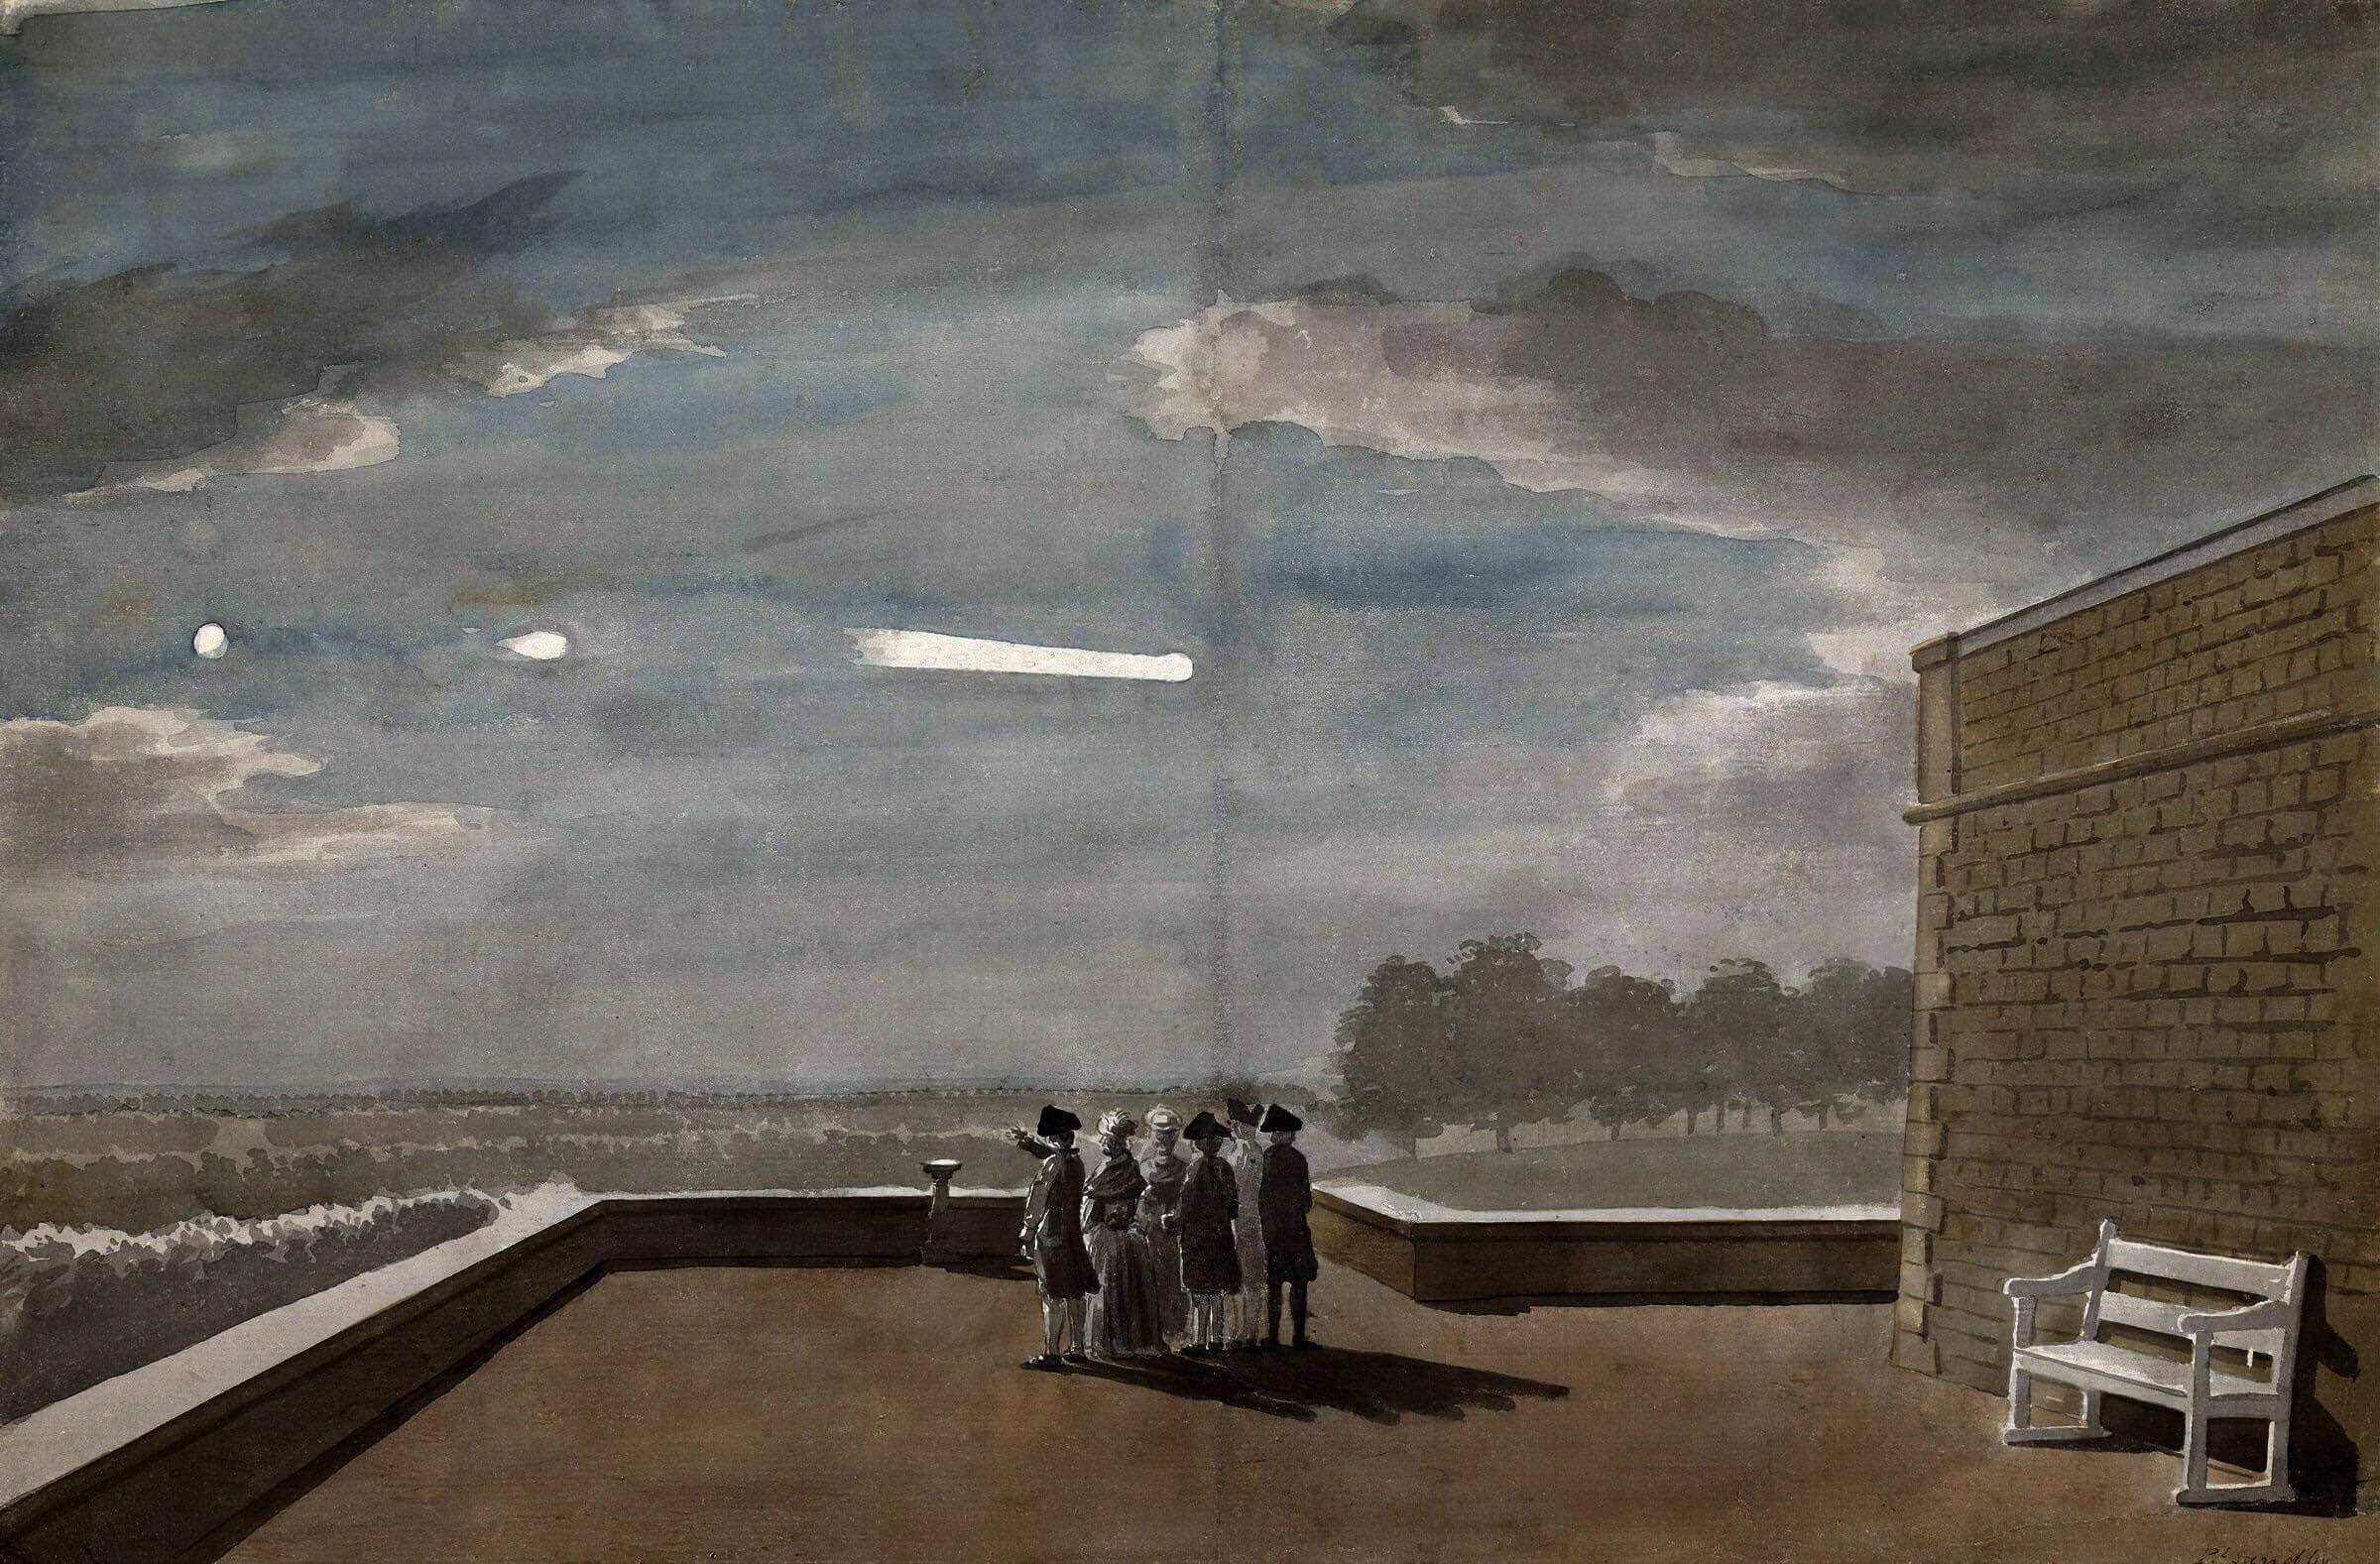 Появление НЛО в небе над Англией 18 августа 1783 года